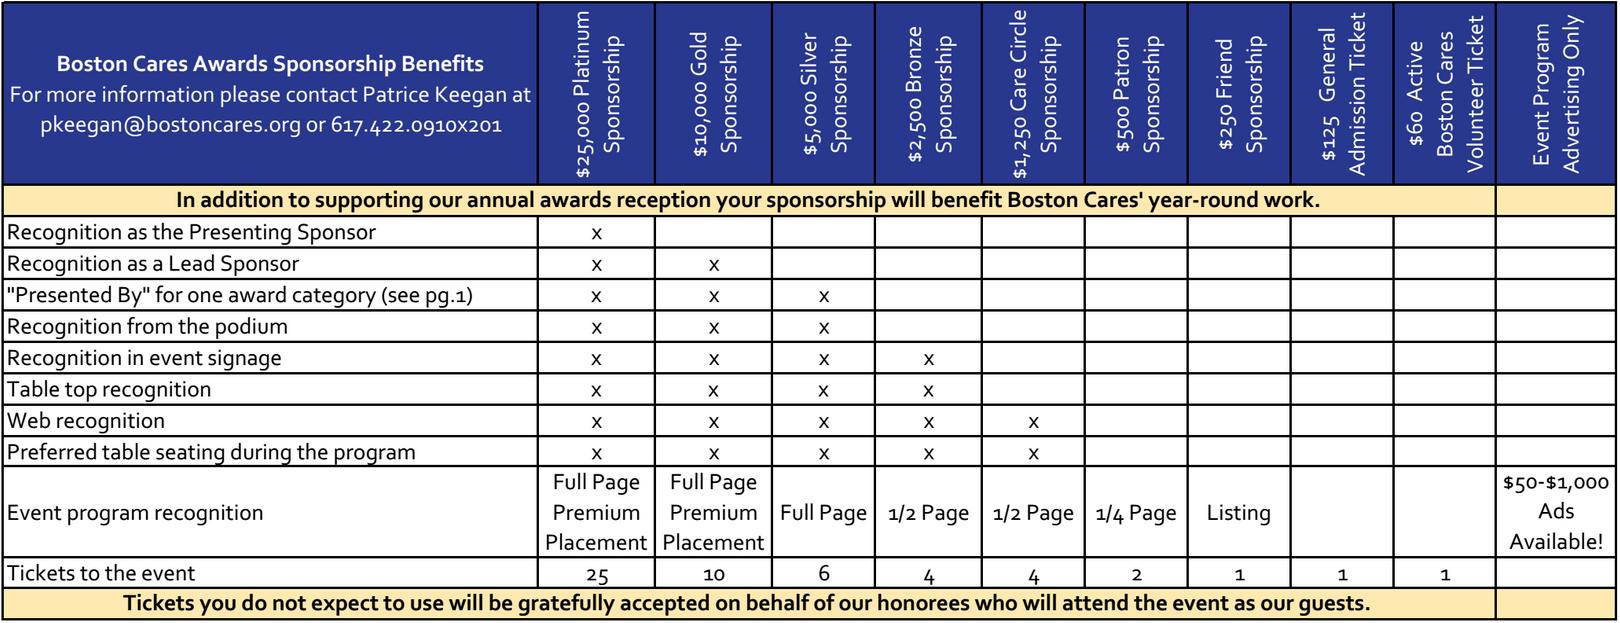 AwardsChart